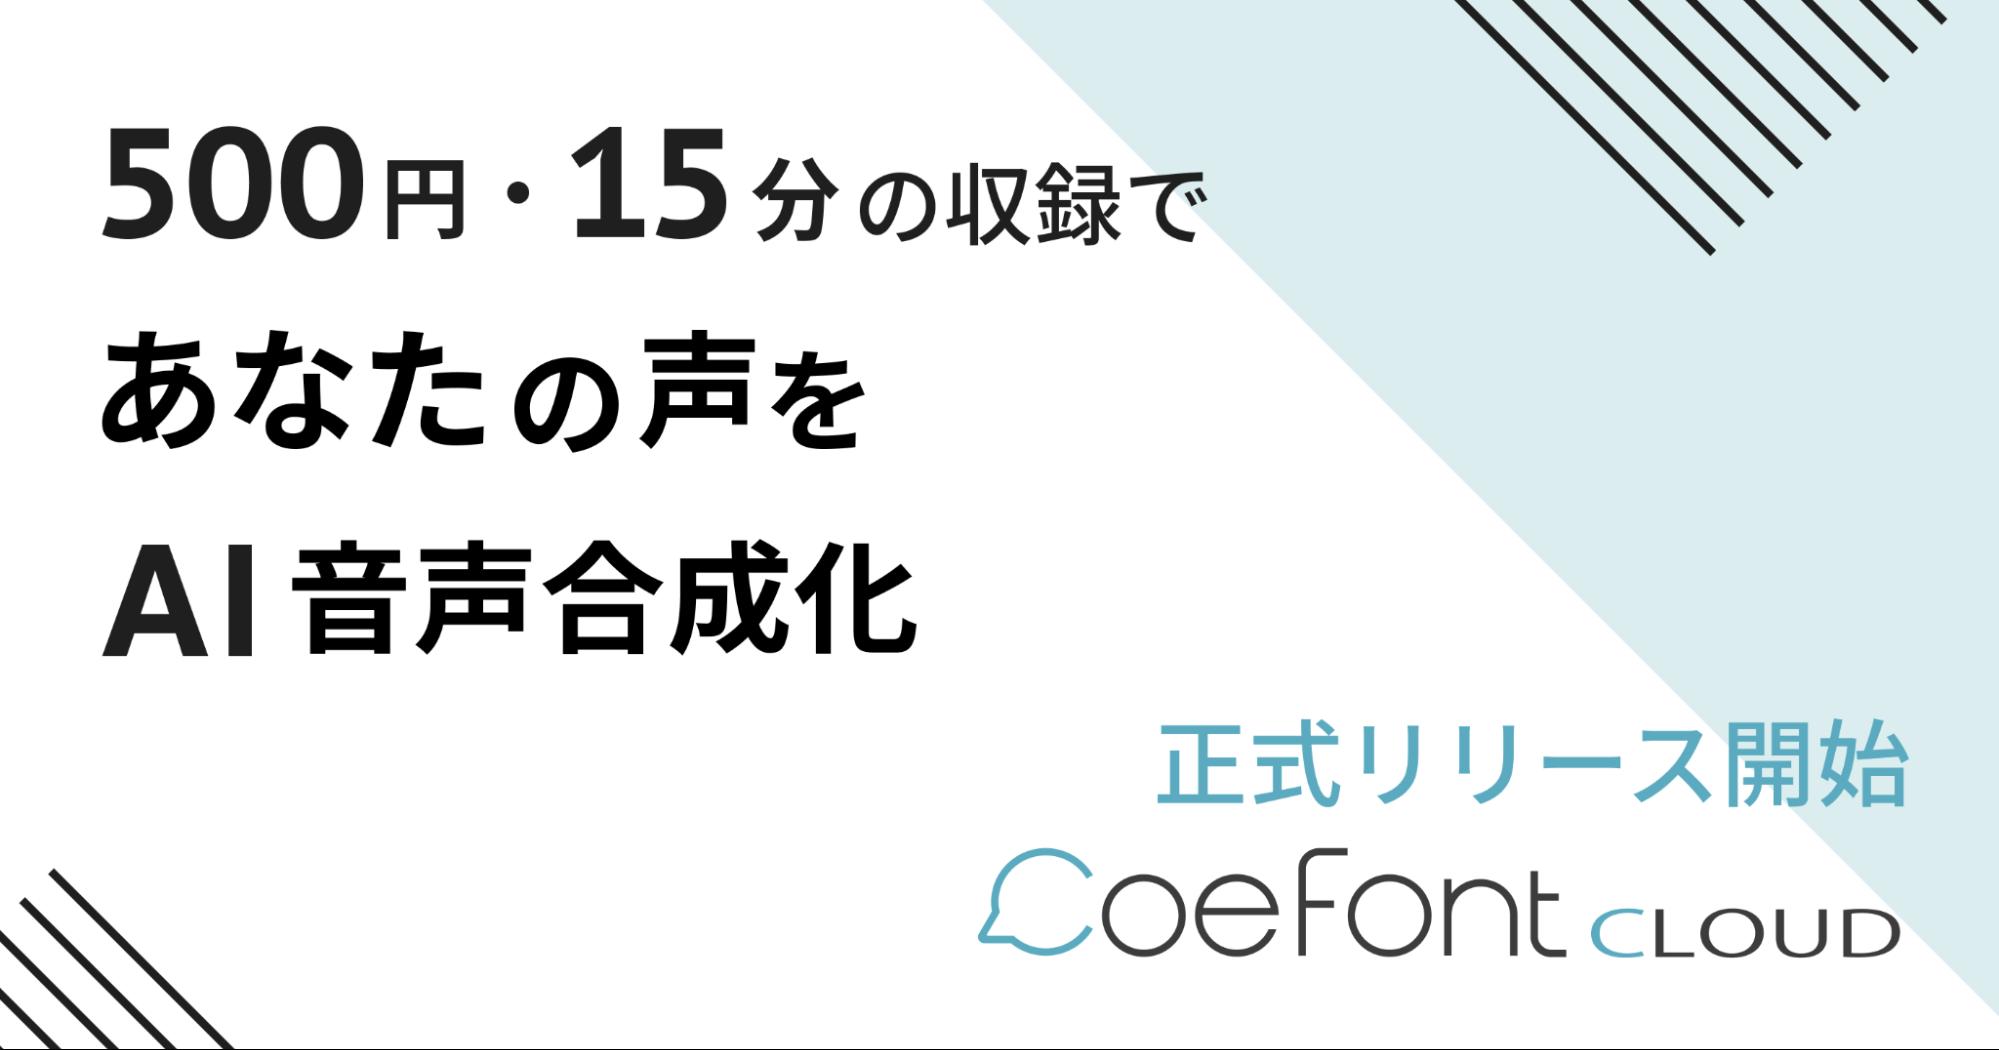 500円・15分の収録で、あなたの声を「AI音声合成」化する音声合成プラットフォーム「CoeFont CLOUD」正式リリース開始